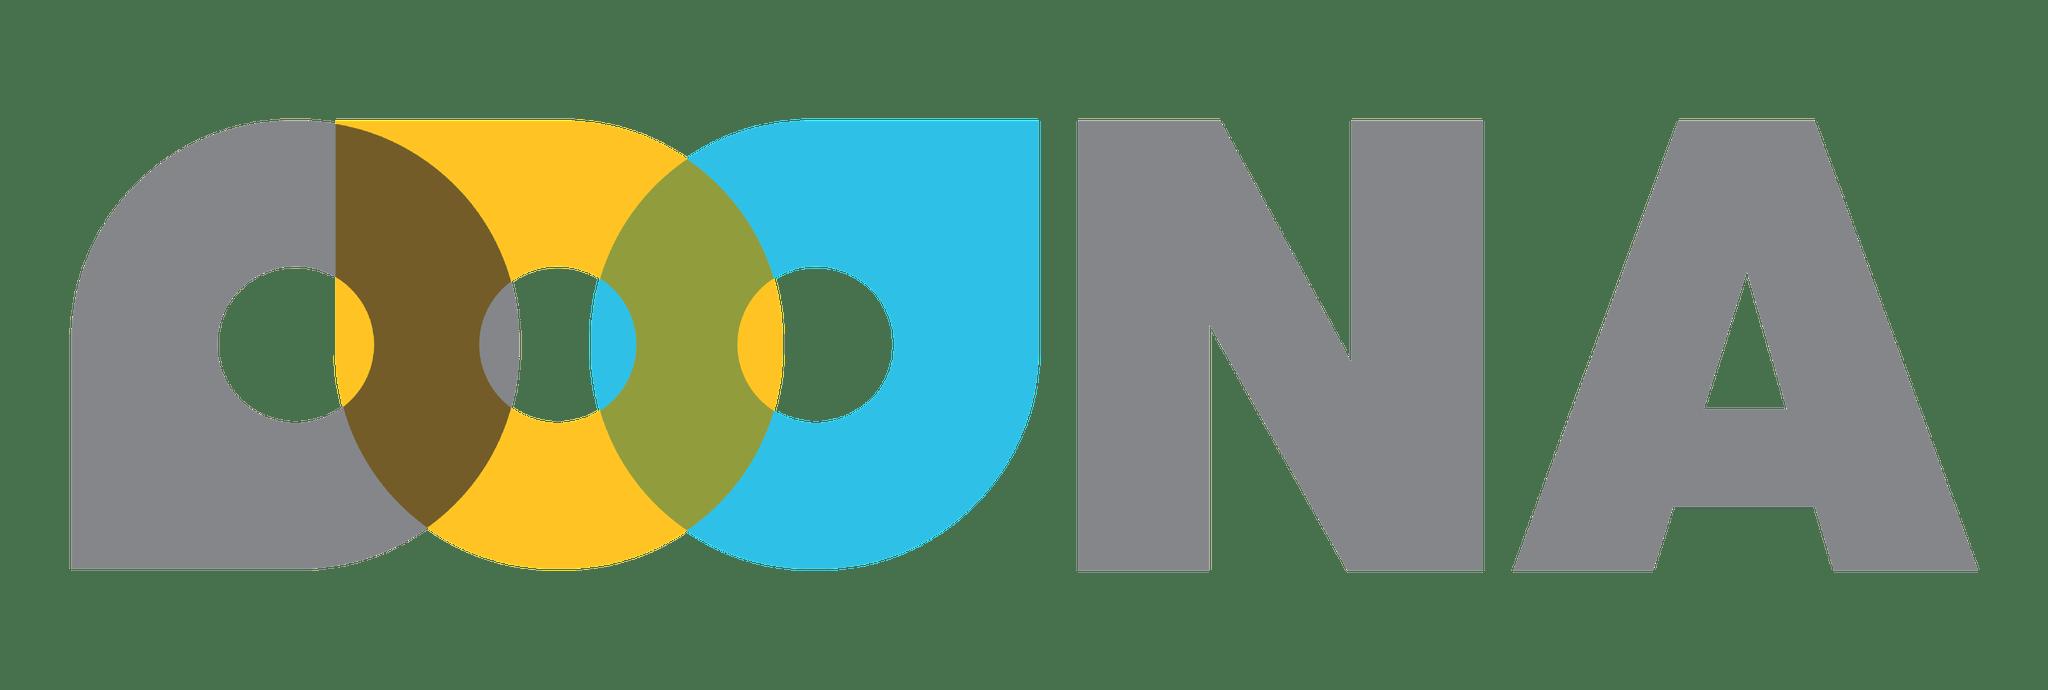 OOONA